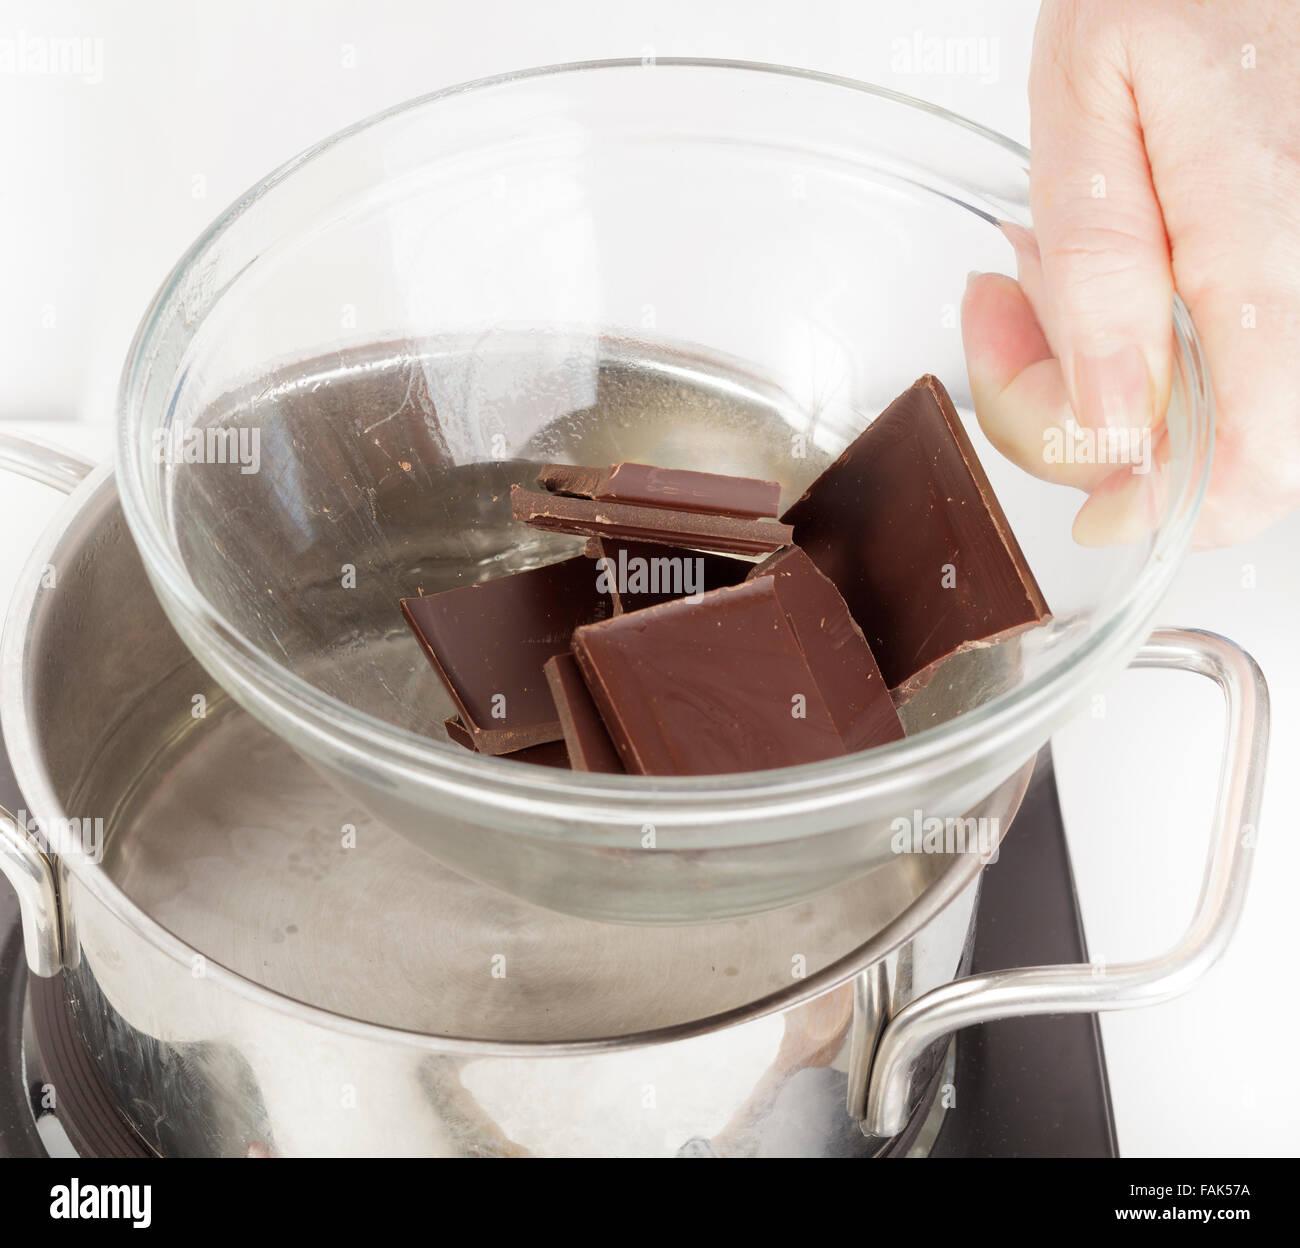 Mettre bol de chocolat sur casserole d'eau à fondre en bain-marie Banque D'Images